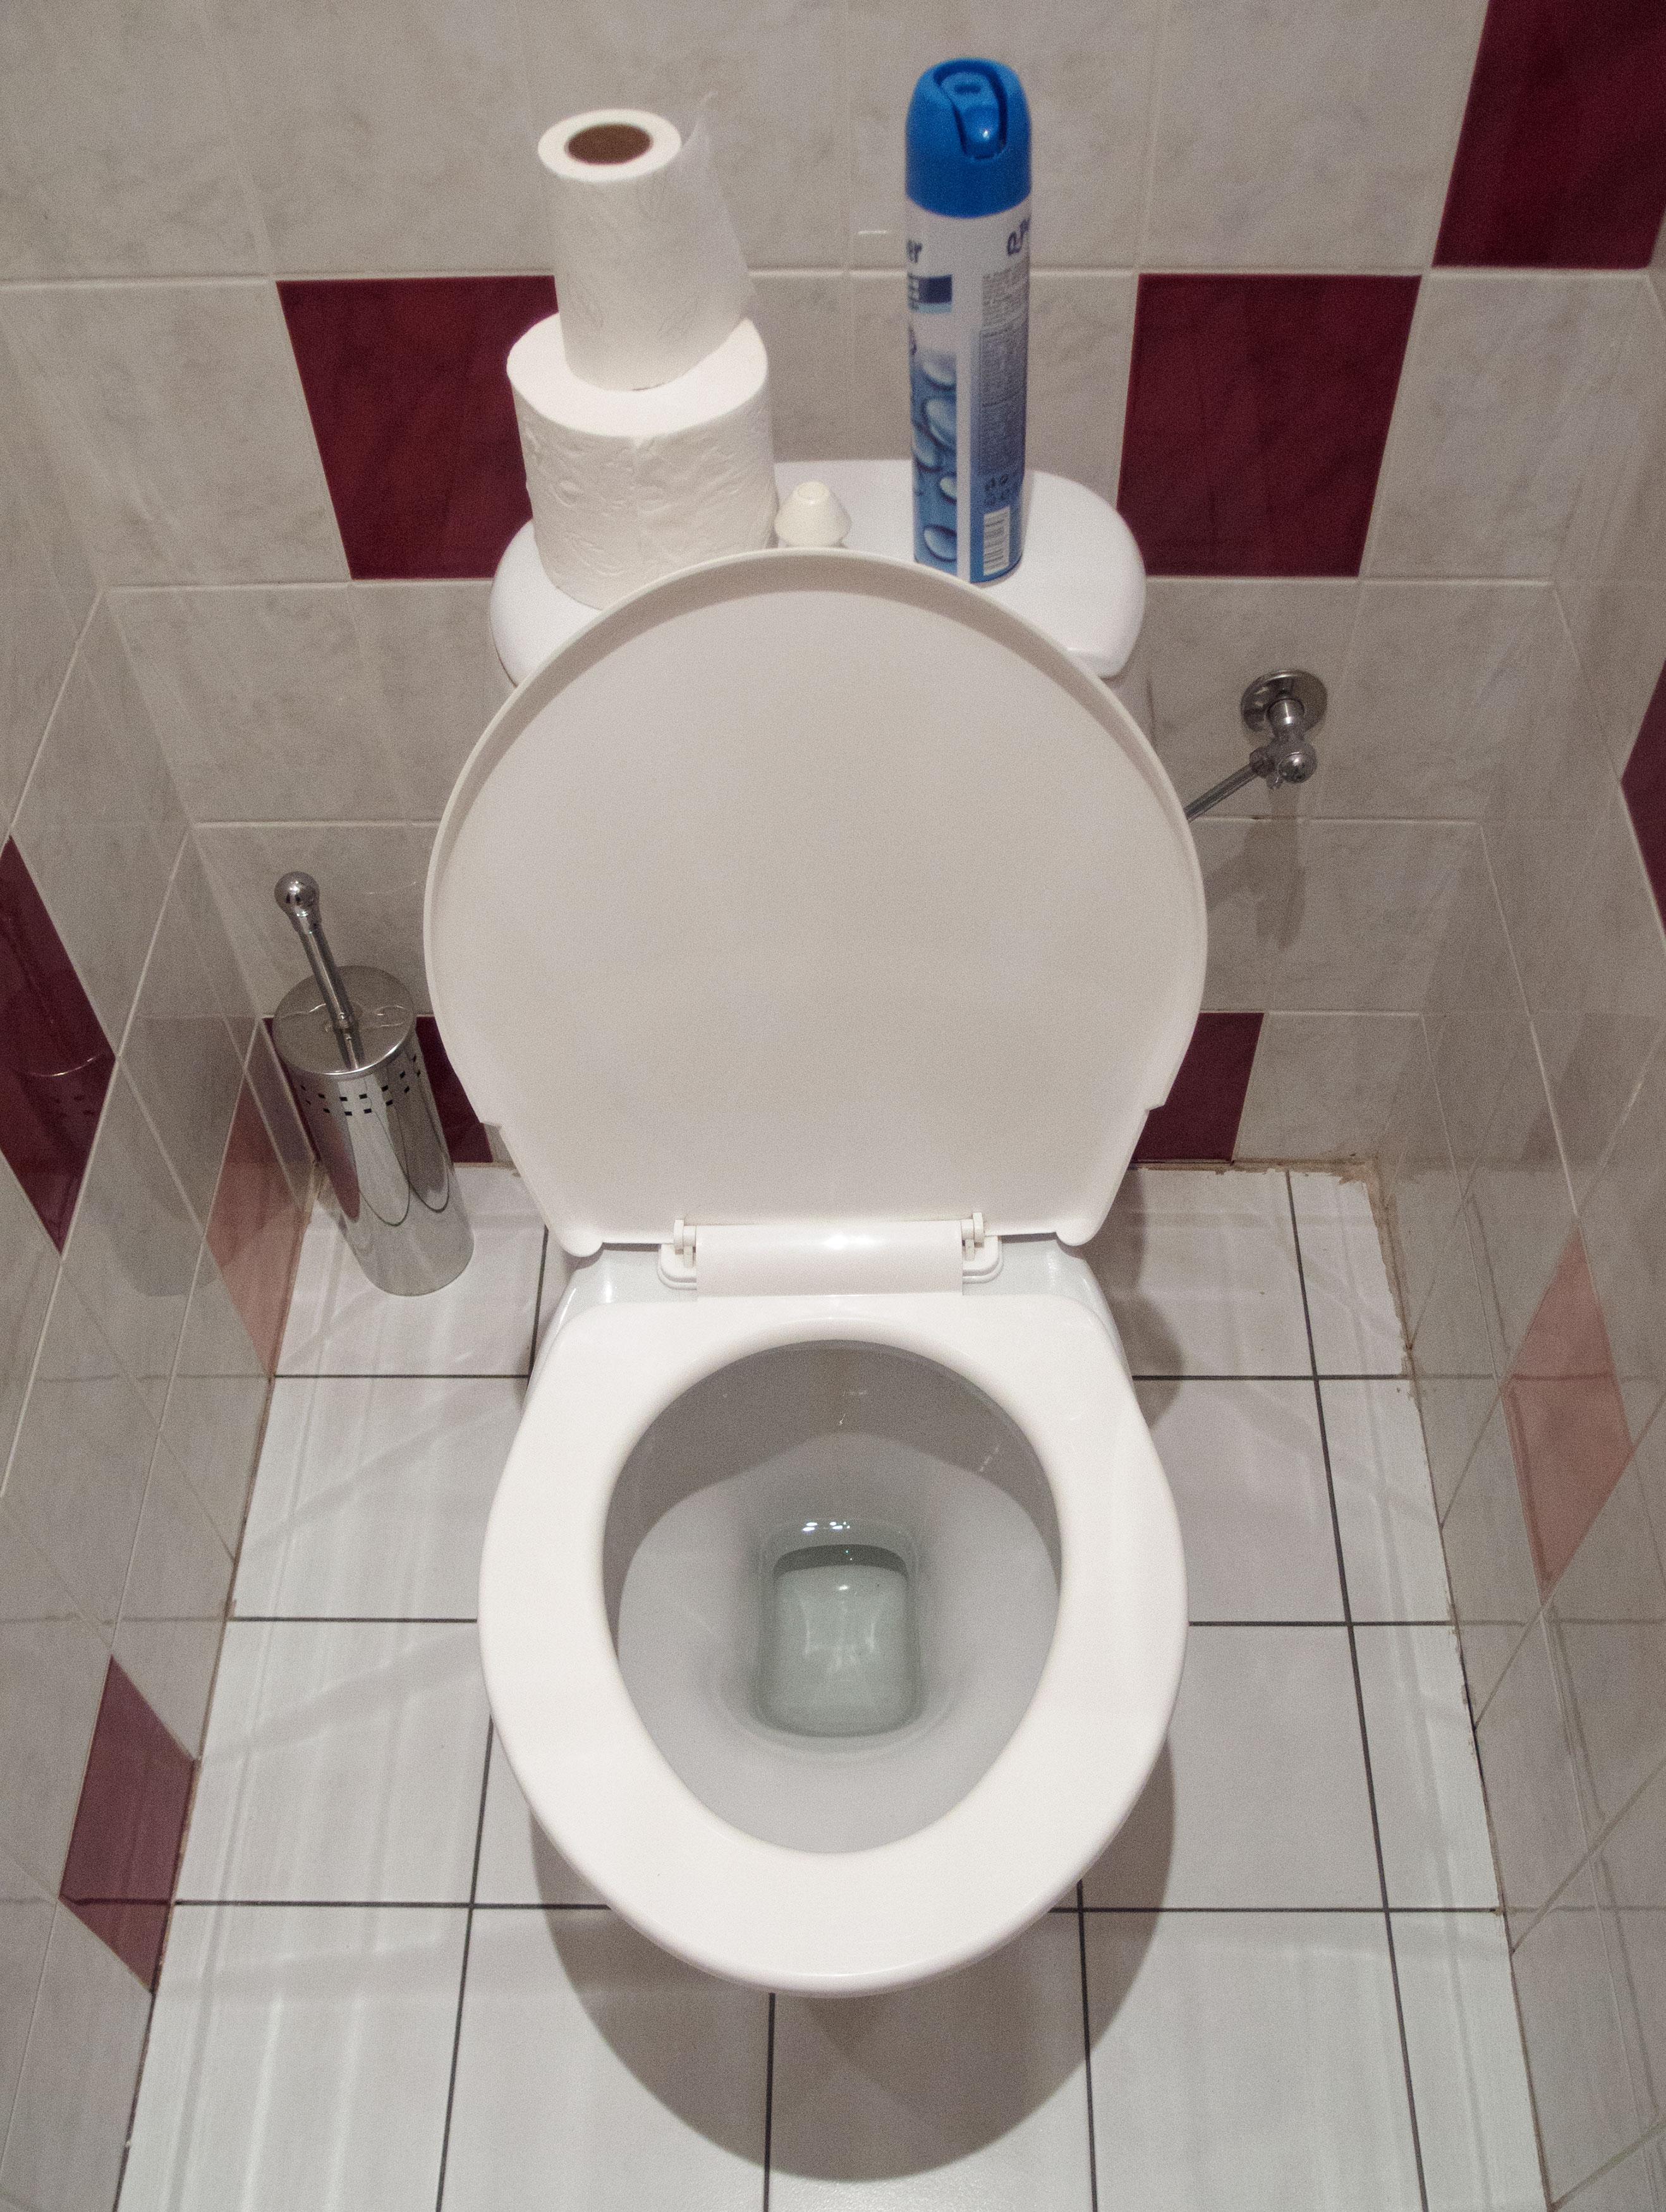 Free Image White Toilet Bowl Libreshot Public Domain Photos